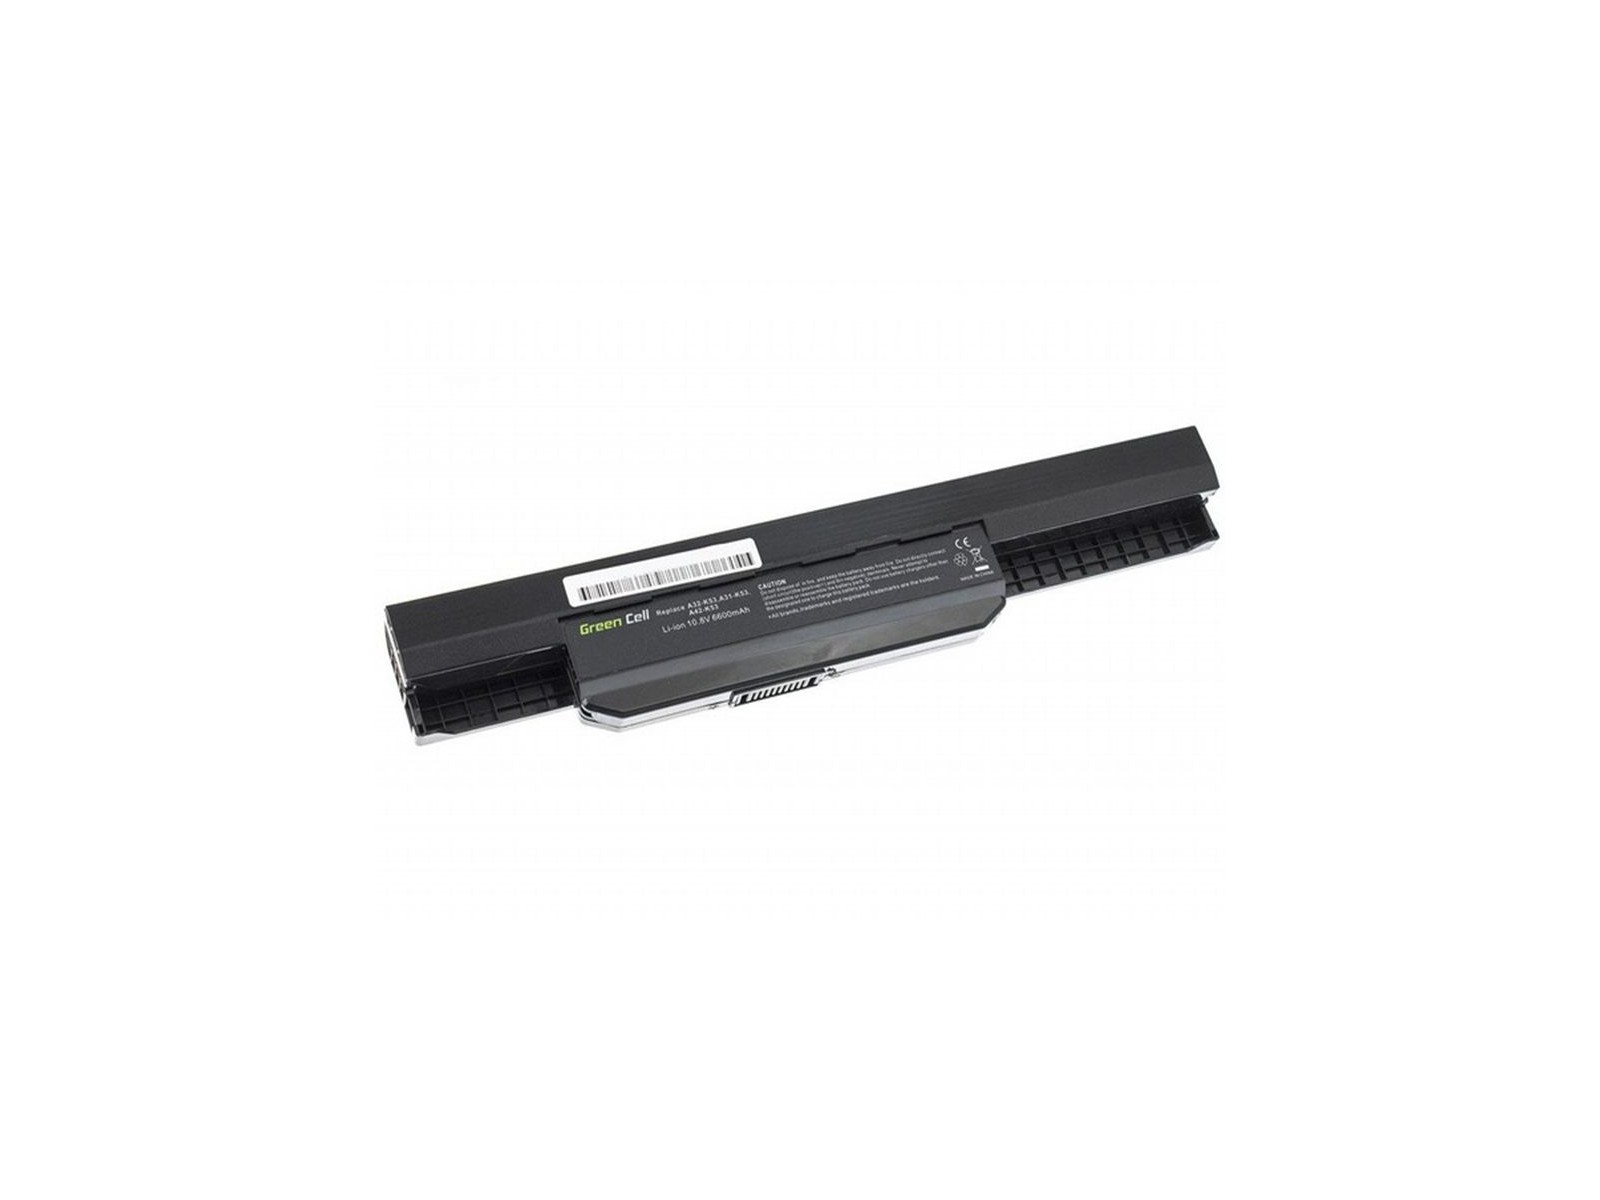 Access Point WiFi Antenne Ubiquiti NBE-M5-16 NanoBeam M5 16 dBm